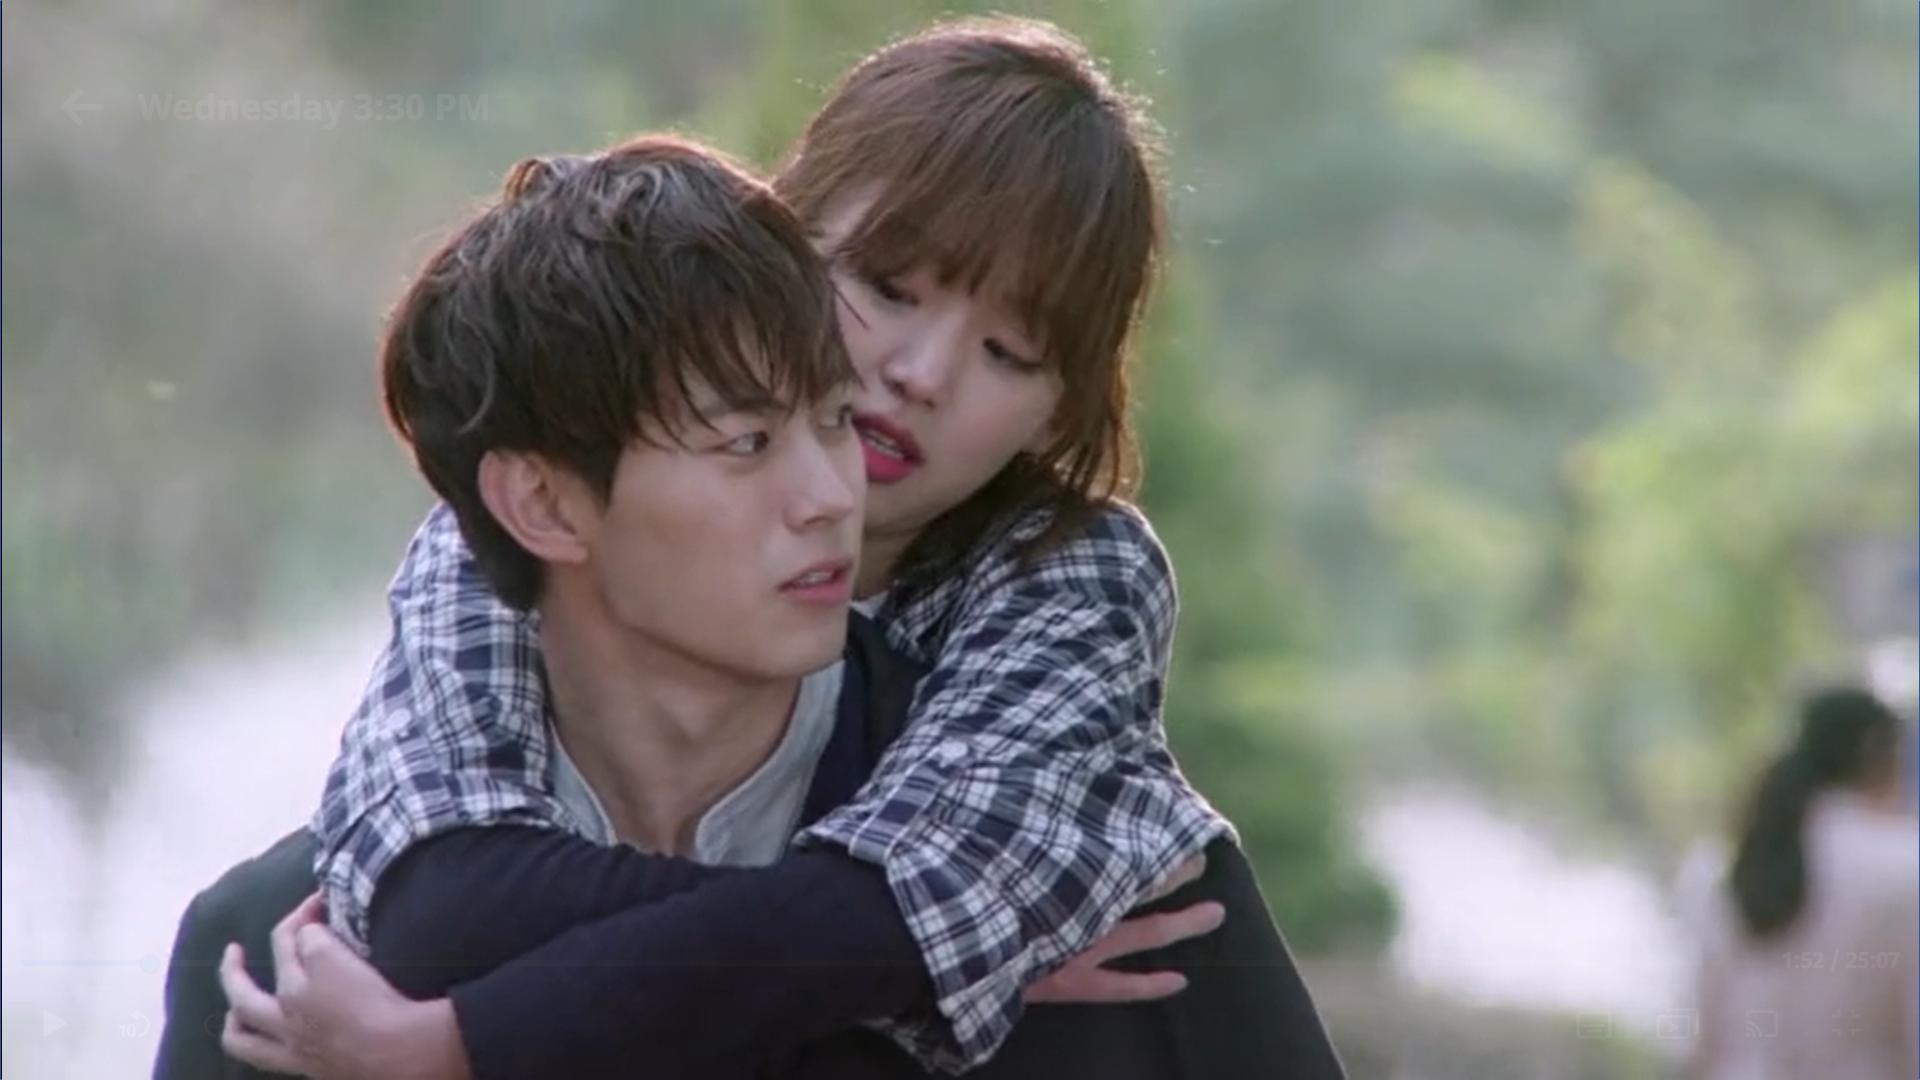 Wednesday 3:30 PM Seon Eun-woo and Yoon Jae-won piggyback ride